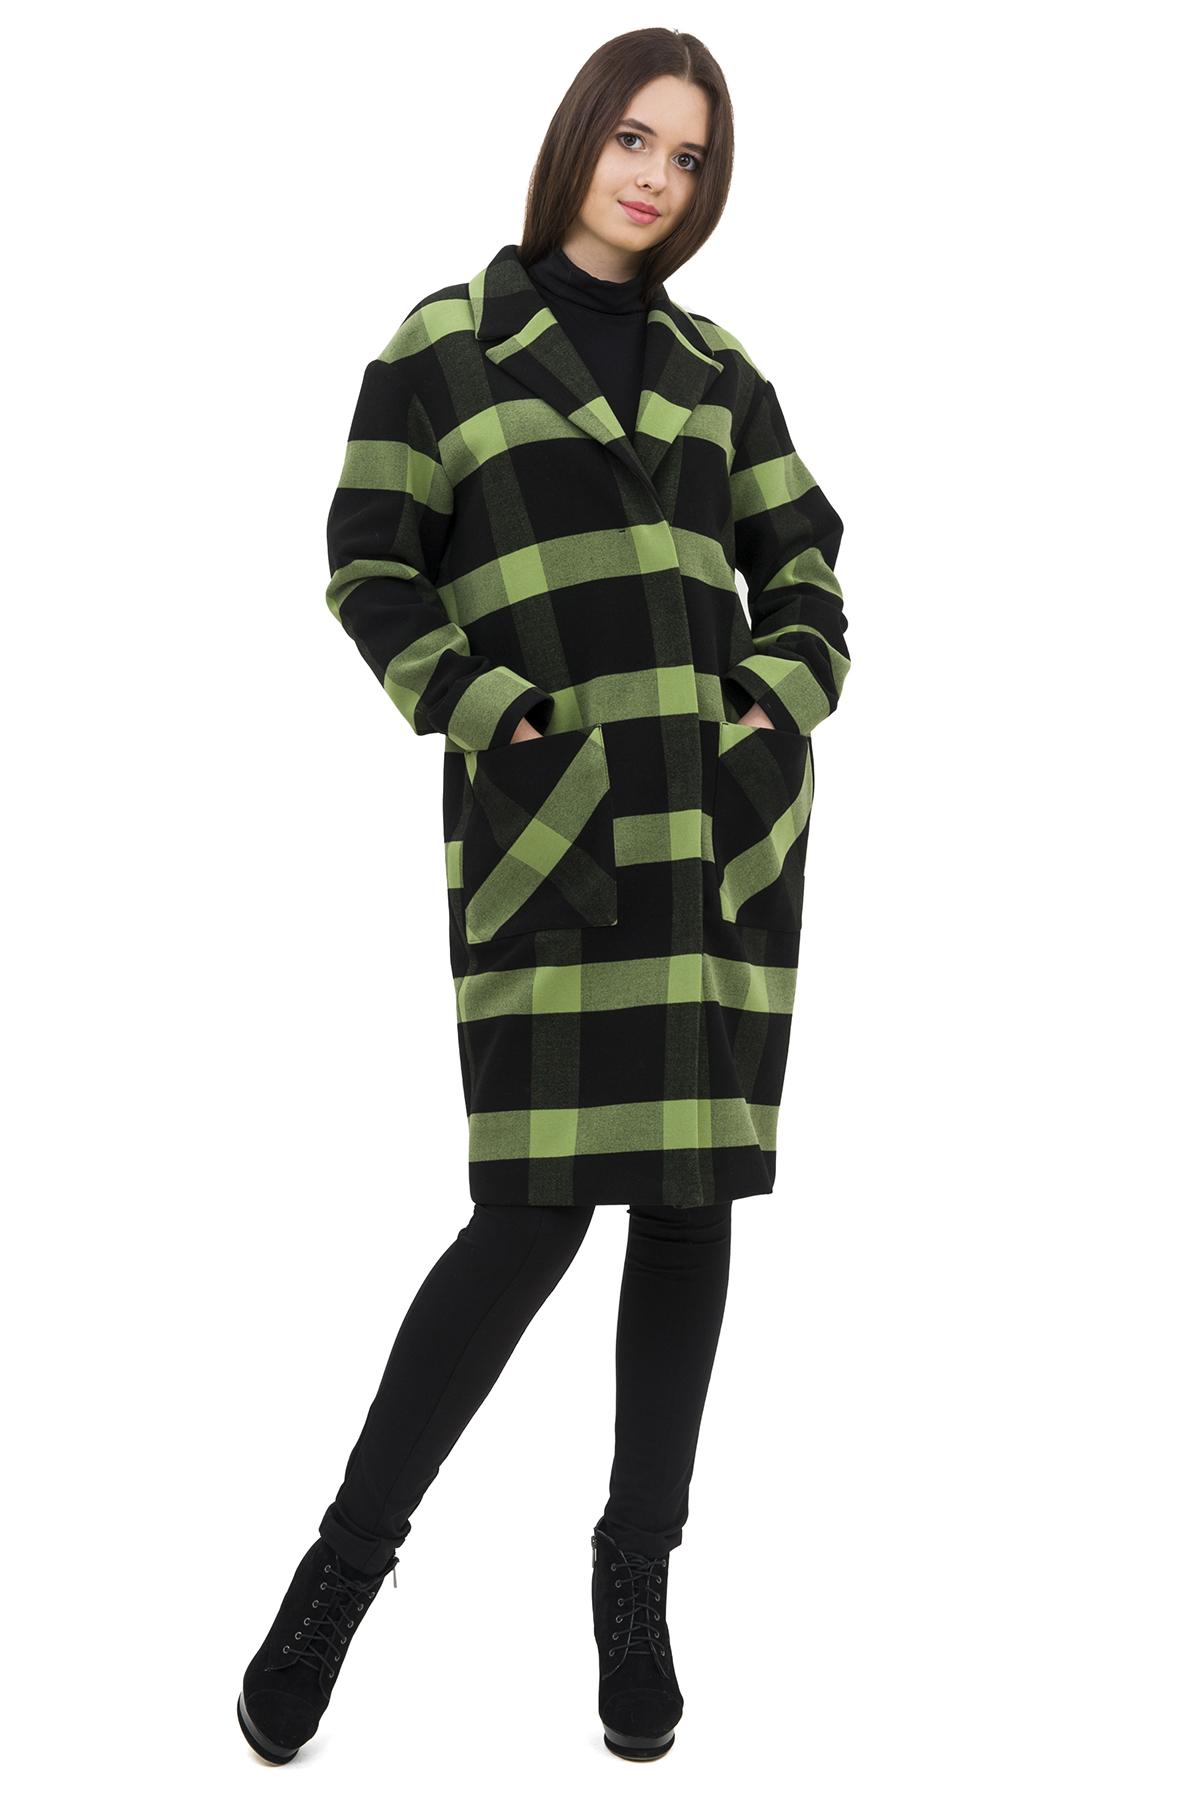 ПальтоЖенские куртки, плащи, пальто<br>Яркое пальто преобразит любую девушку, придав ее образу неповторимую чувственность. Добавьте в свой гардероб нотку настоящего изысканного шика вместе с этим ярким стильным очаровательным пальто!<br><br>Цвет: зеленый,черный<br>Состав: 62% полиэстер; 33% вискоза; 5% эластан<br>Размер: 40,42,44,46,48,50,52<br>Страна дизайна: Россия<br>Страна производства: Россия